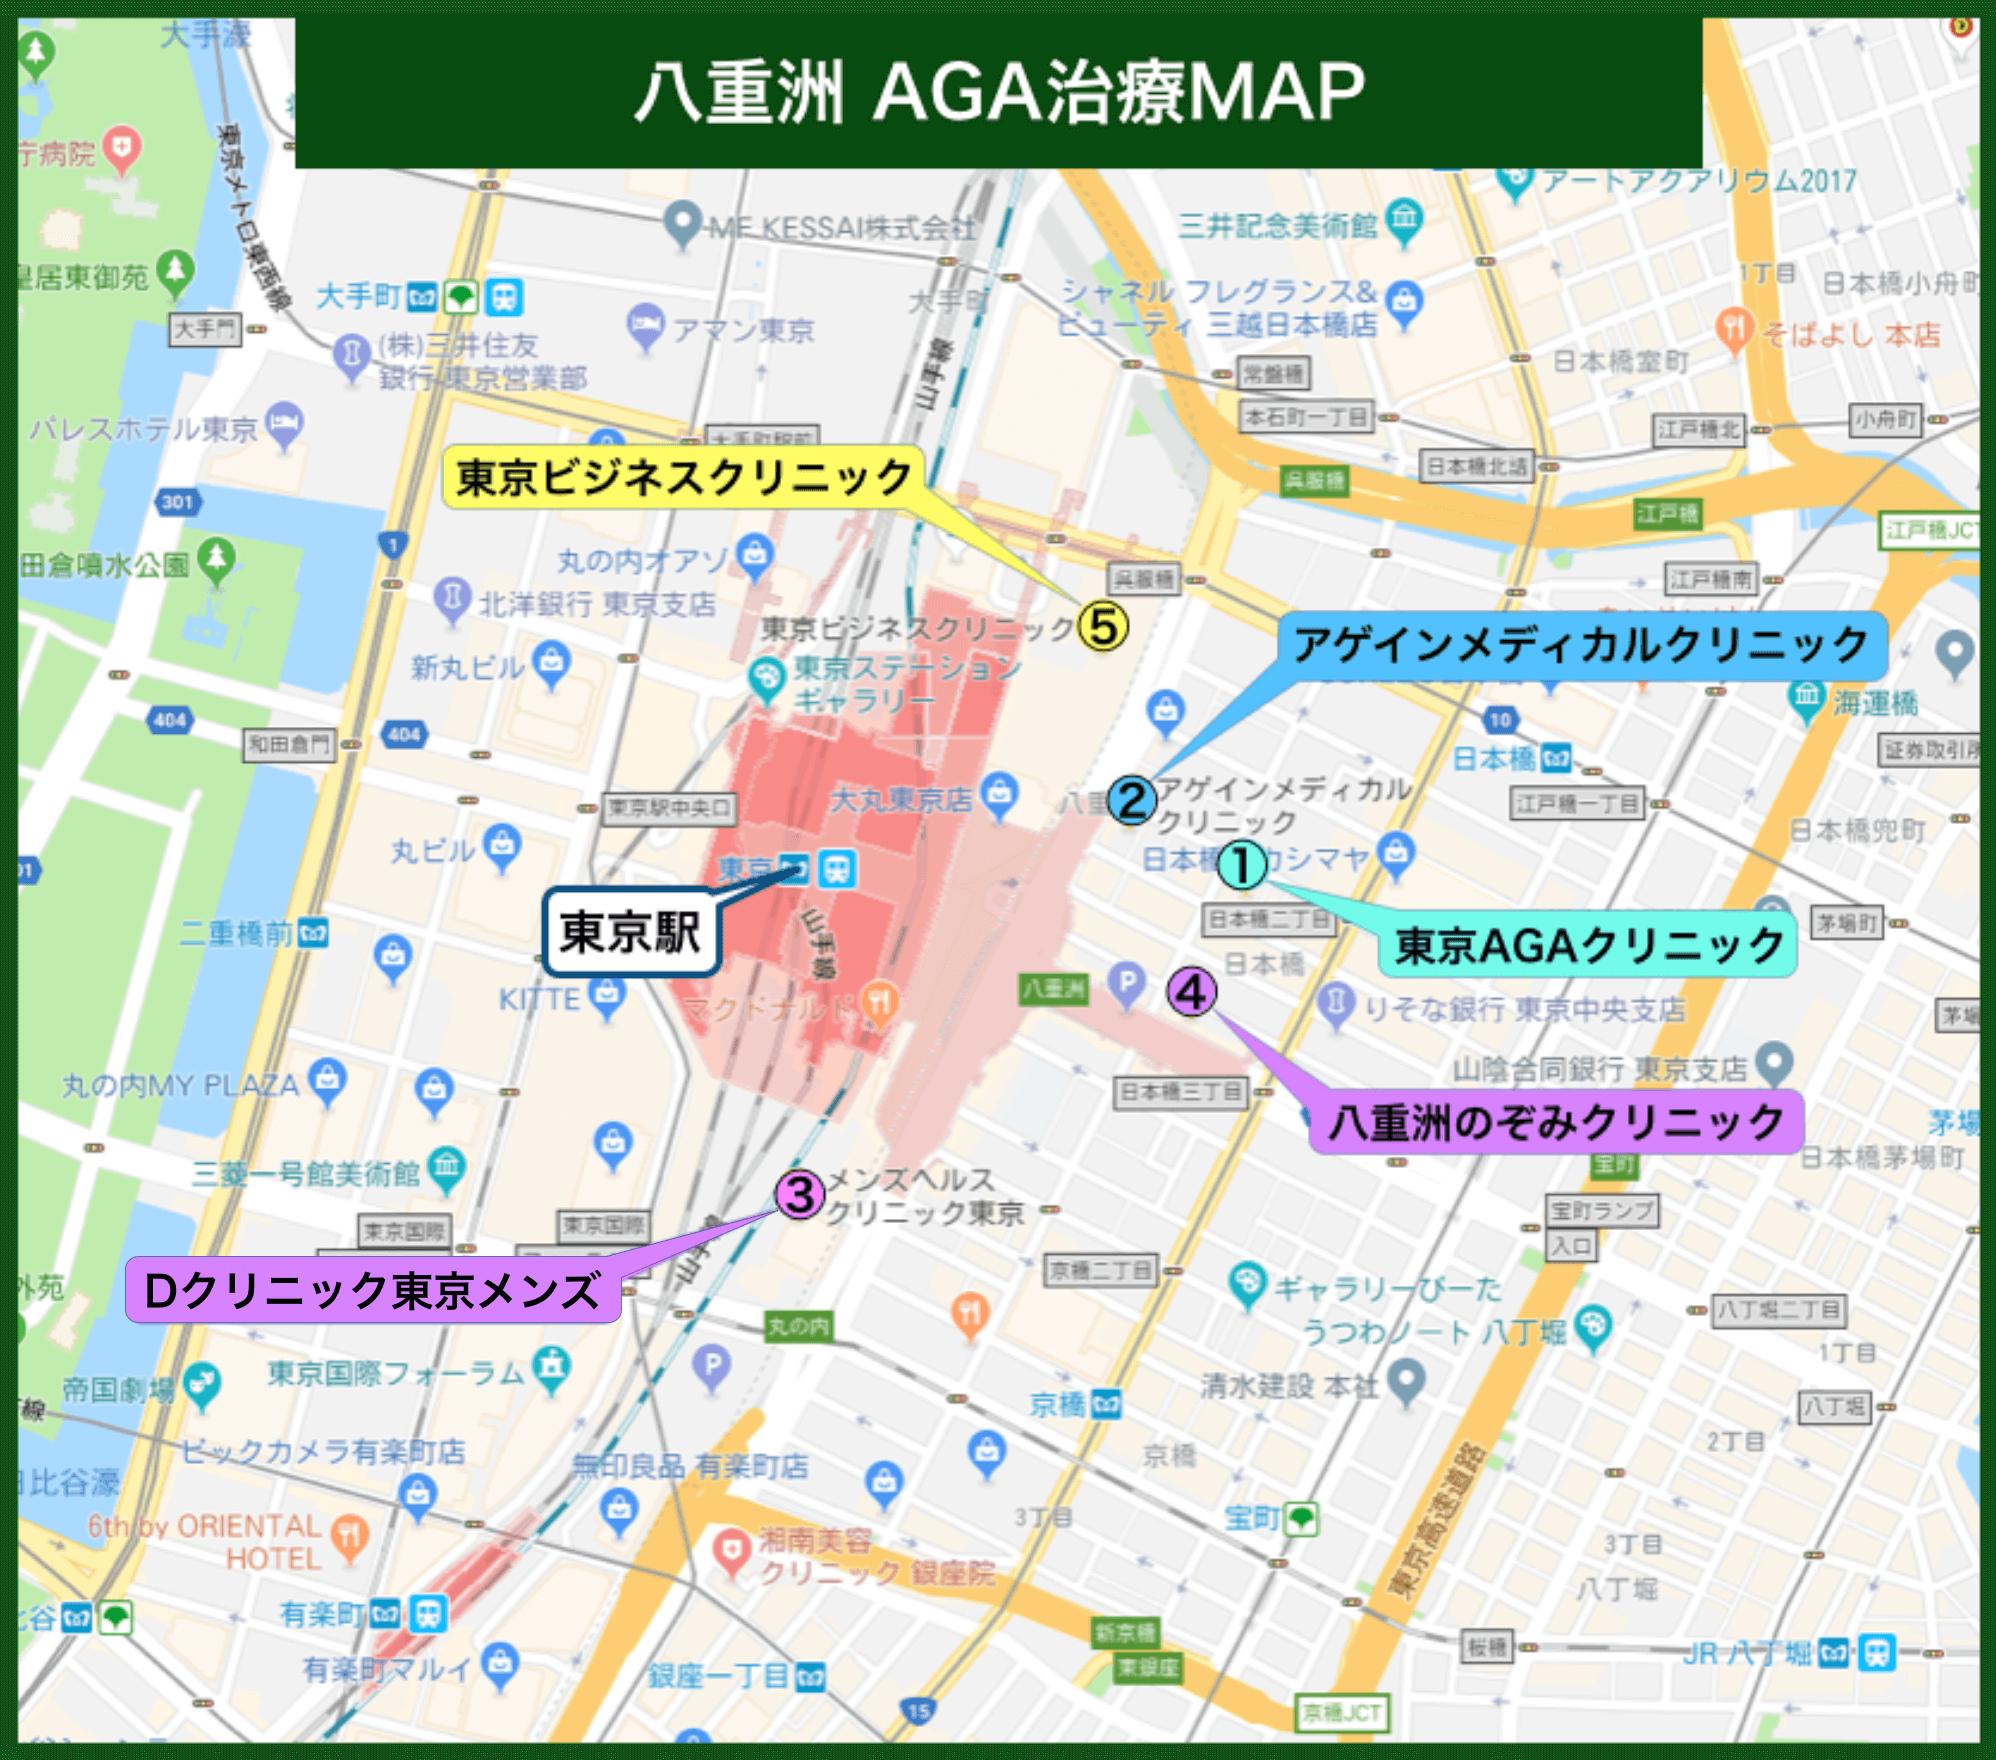 八重洲AGA治療MAP(2019年版)